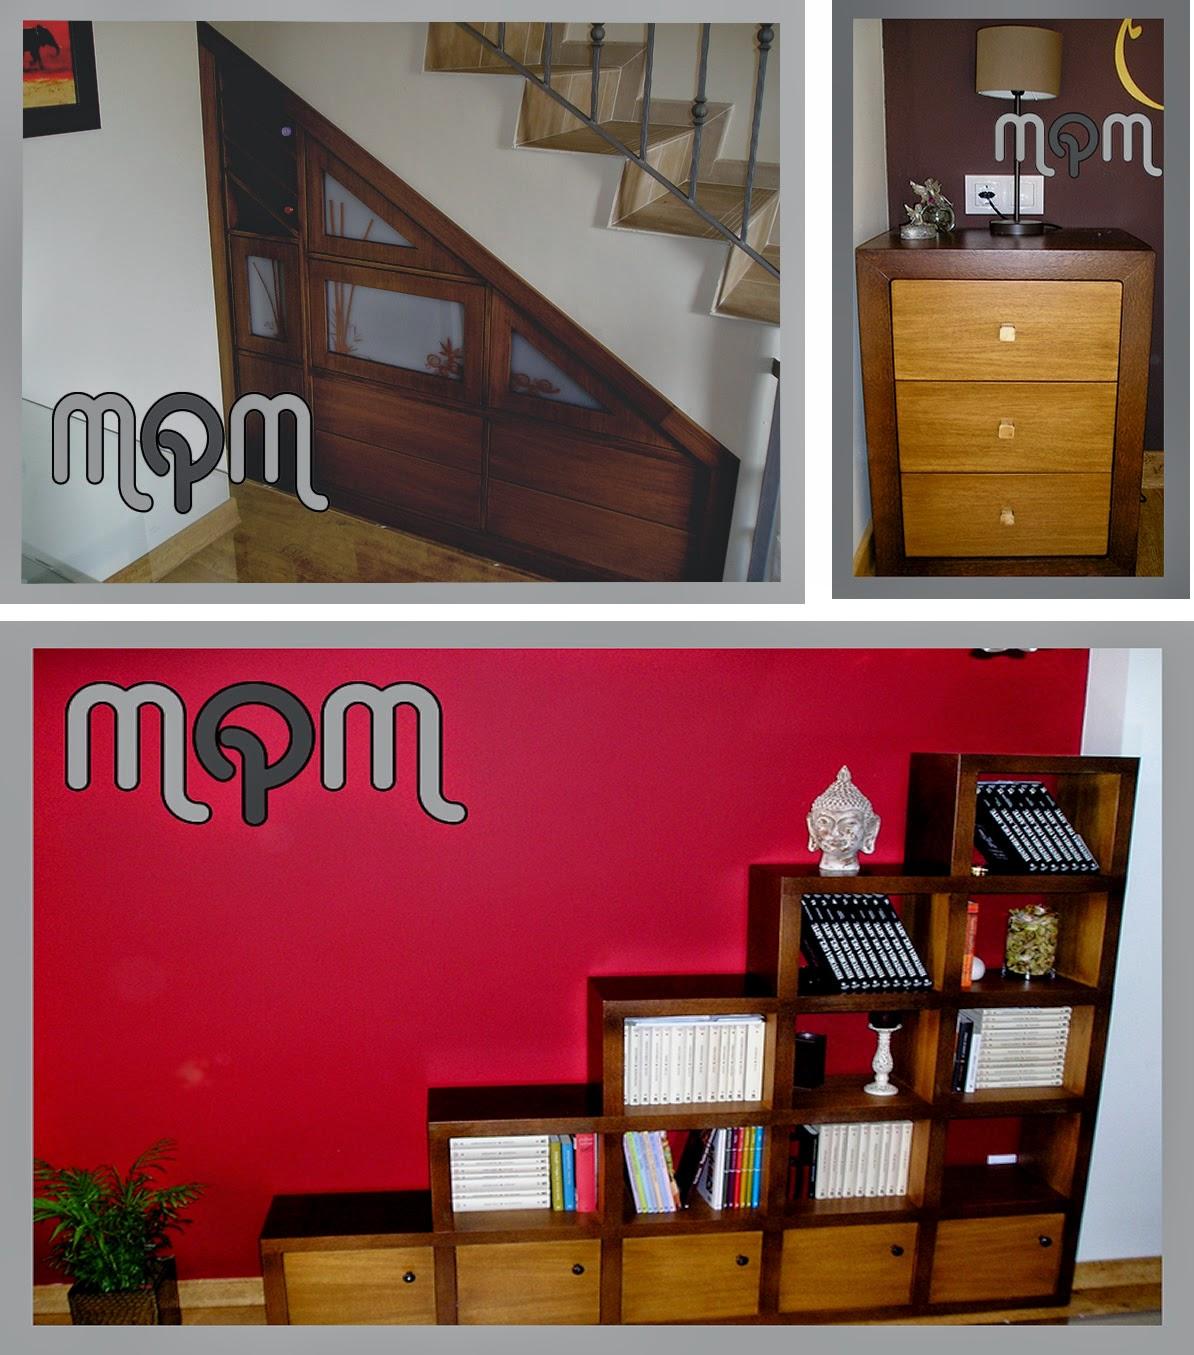 Venta De Muebles Rusticos Usados Muebles Rusticos Queretaro Nuevo  # Muebles Ciudad Juarez